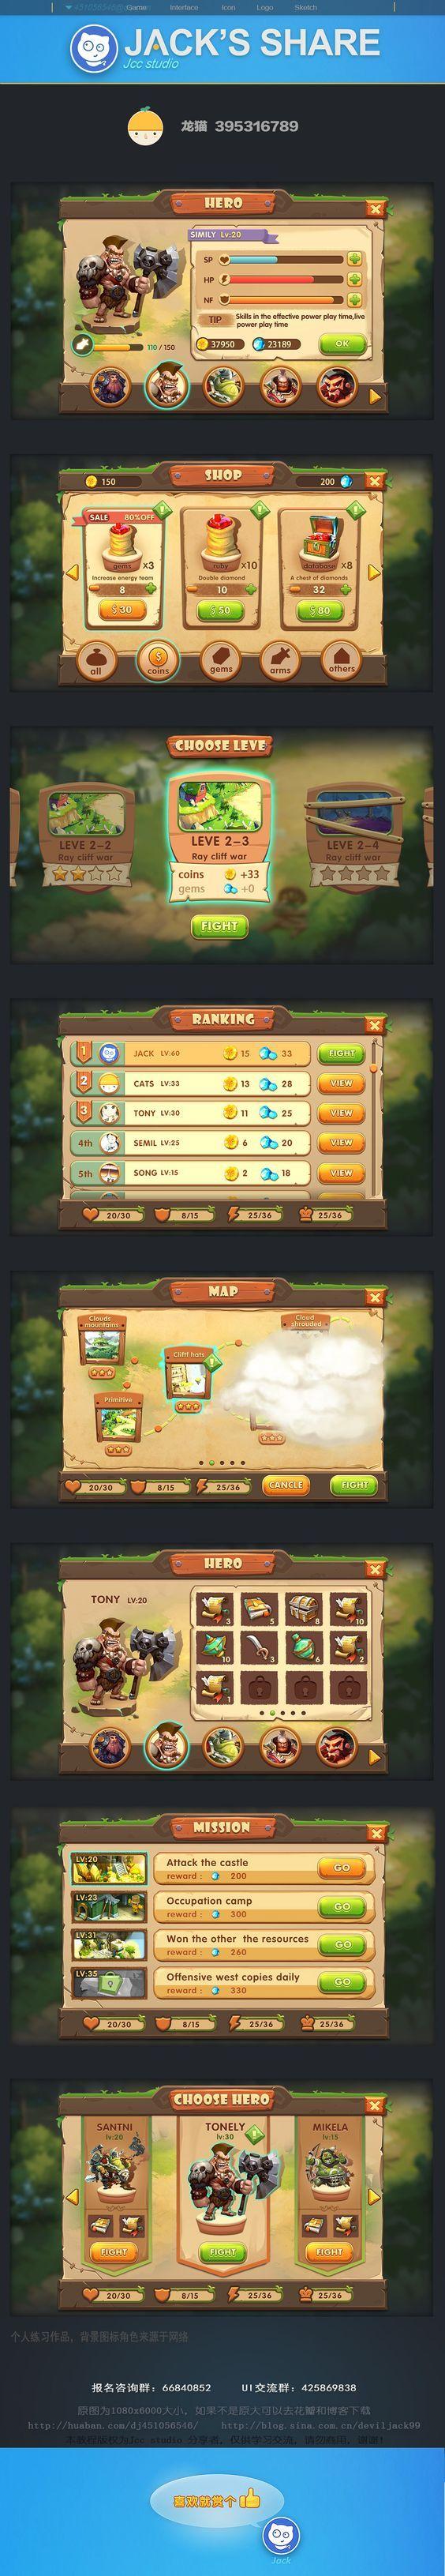 (gameui/gui/ui/icon/interface/logo/design/share图标/界面/教程/游戏设计/ui交流群247472022/ui报名群66840852) http://blog.sina.com.cn/deviljack99 http://weibo.com/u/2796854547 http://i.youku.com/Deviljack99: